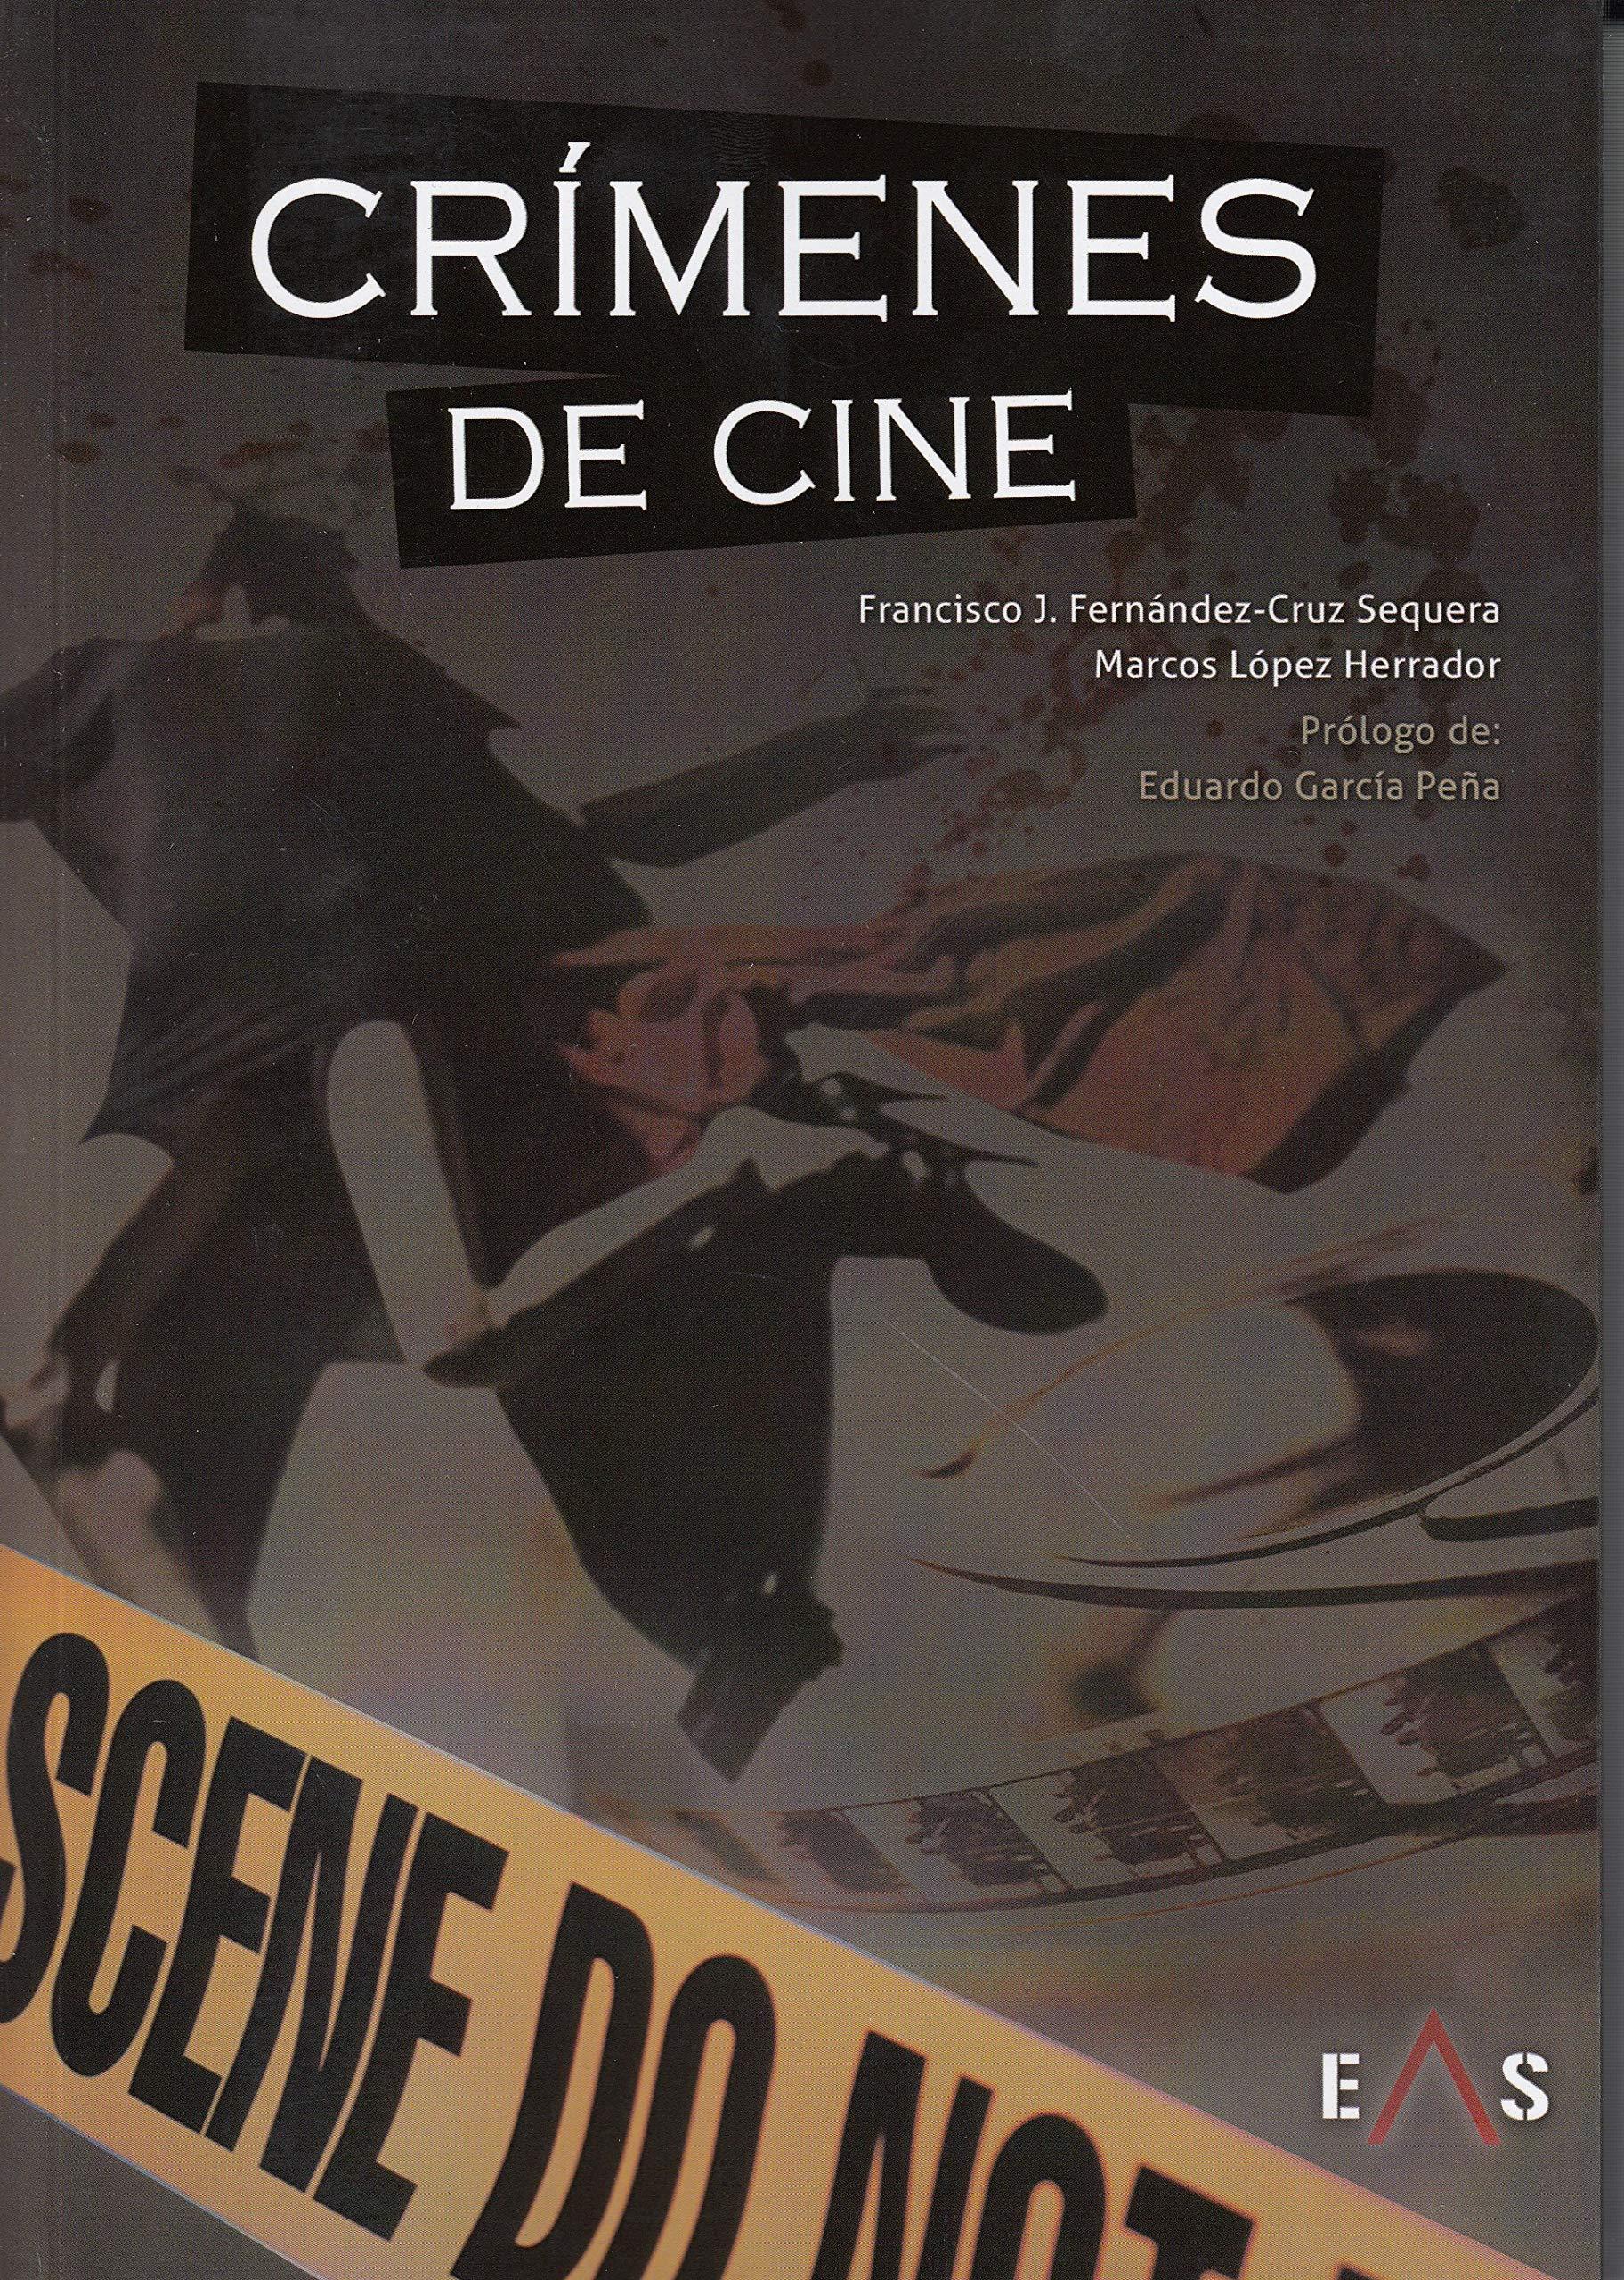 Crímenes de cine (Crónica Negra): Amazon.es: Fernández-Cruz Sequera, Francisco José, López Herrador, Marcos: Libros